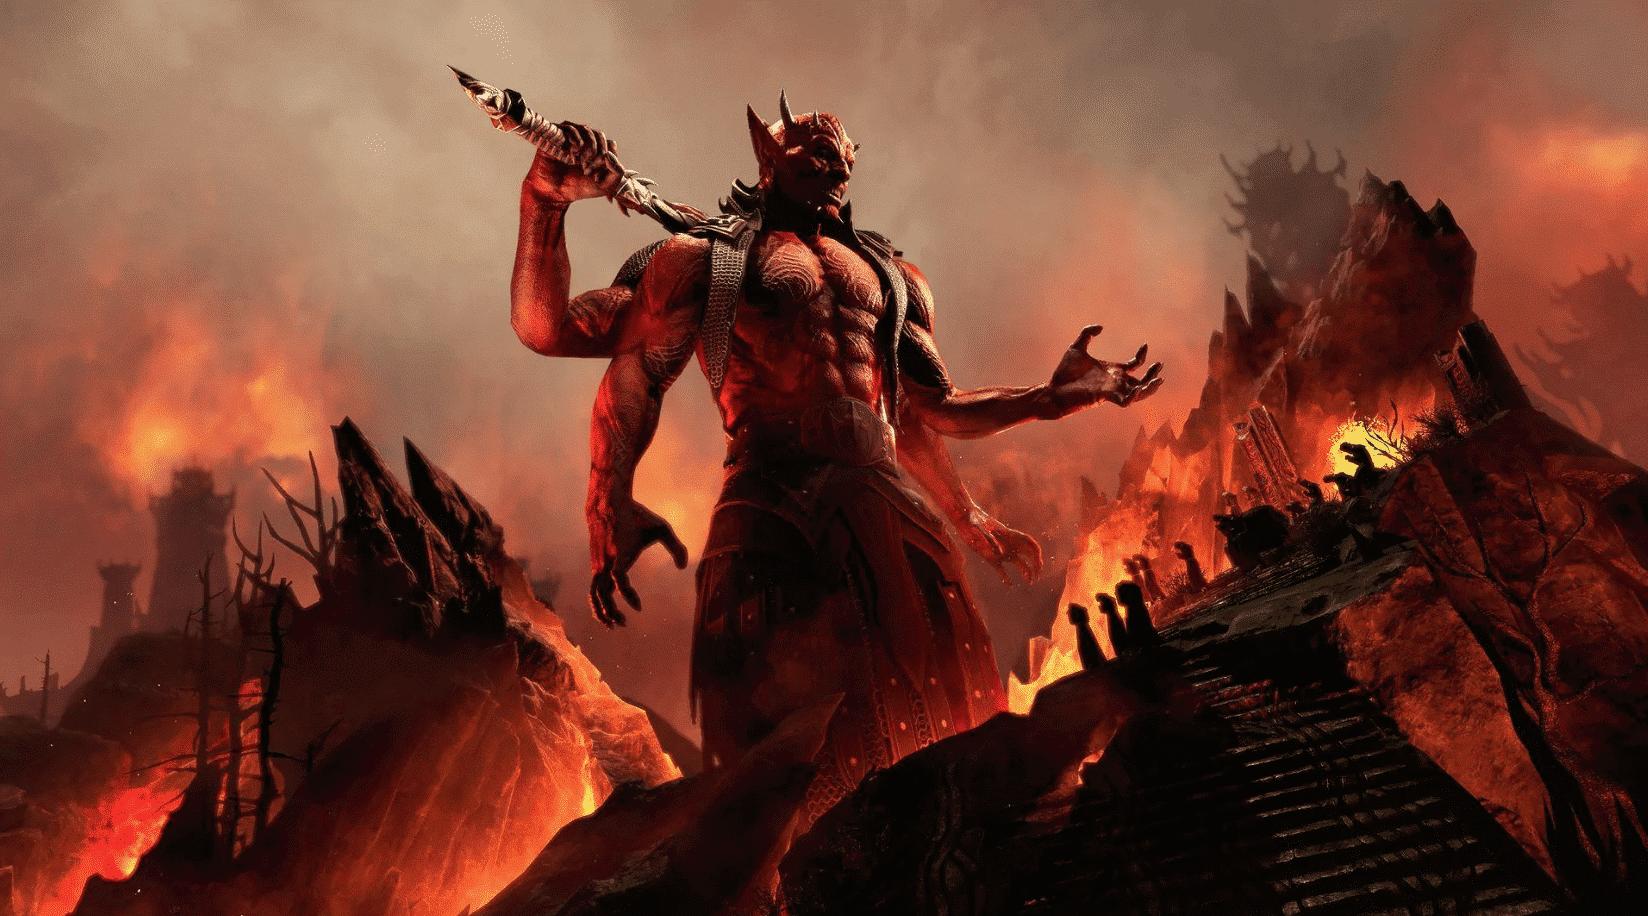 The-Elder-Scrolls-Online-Blackwood-Vorschau-auf-das-neue-Gef-hrtensystem-neues-Video